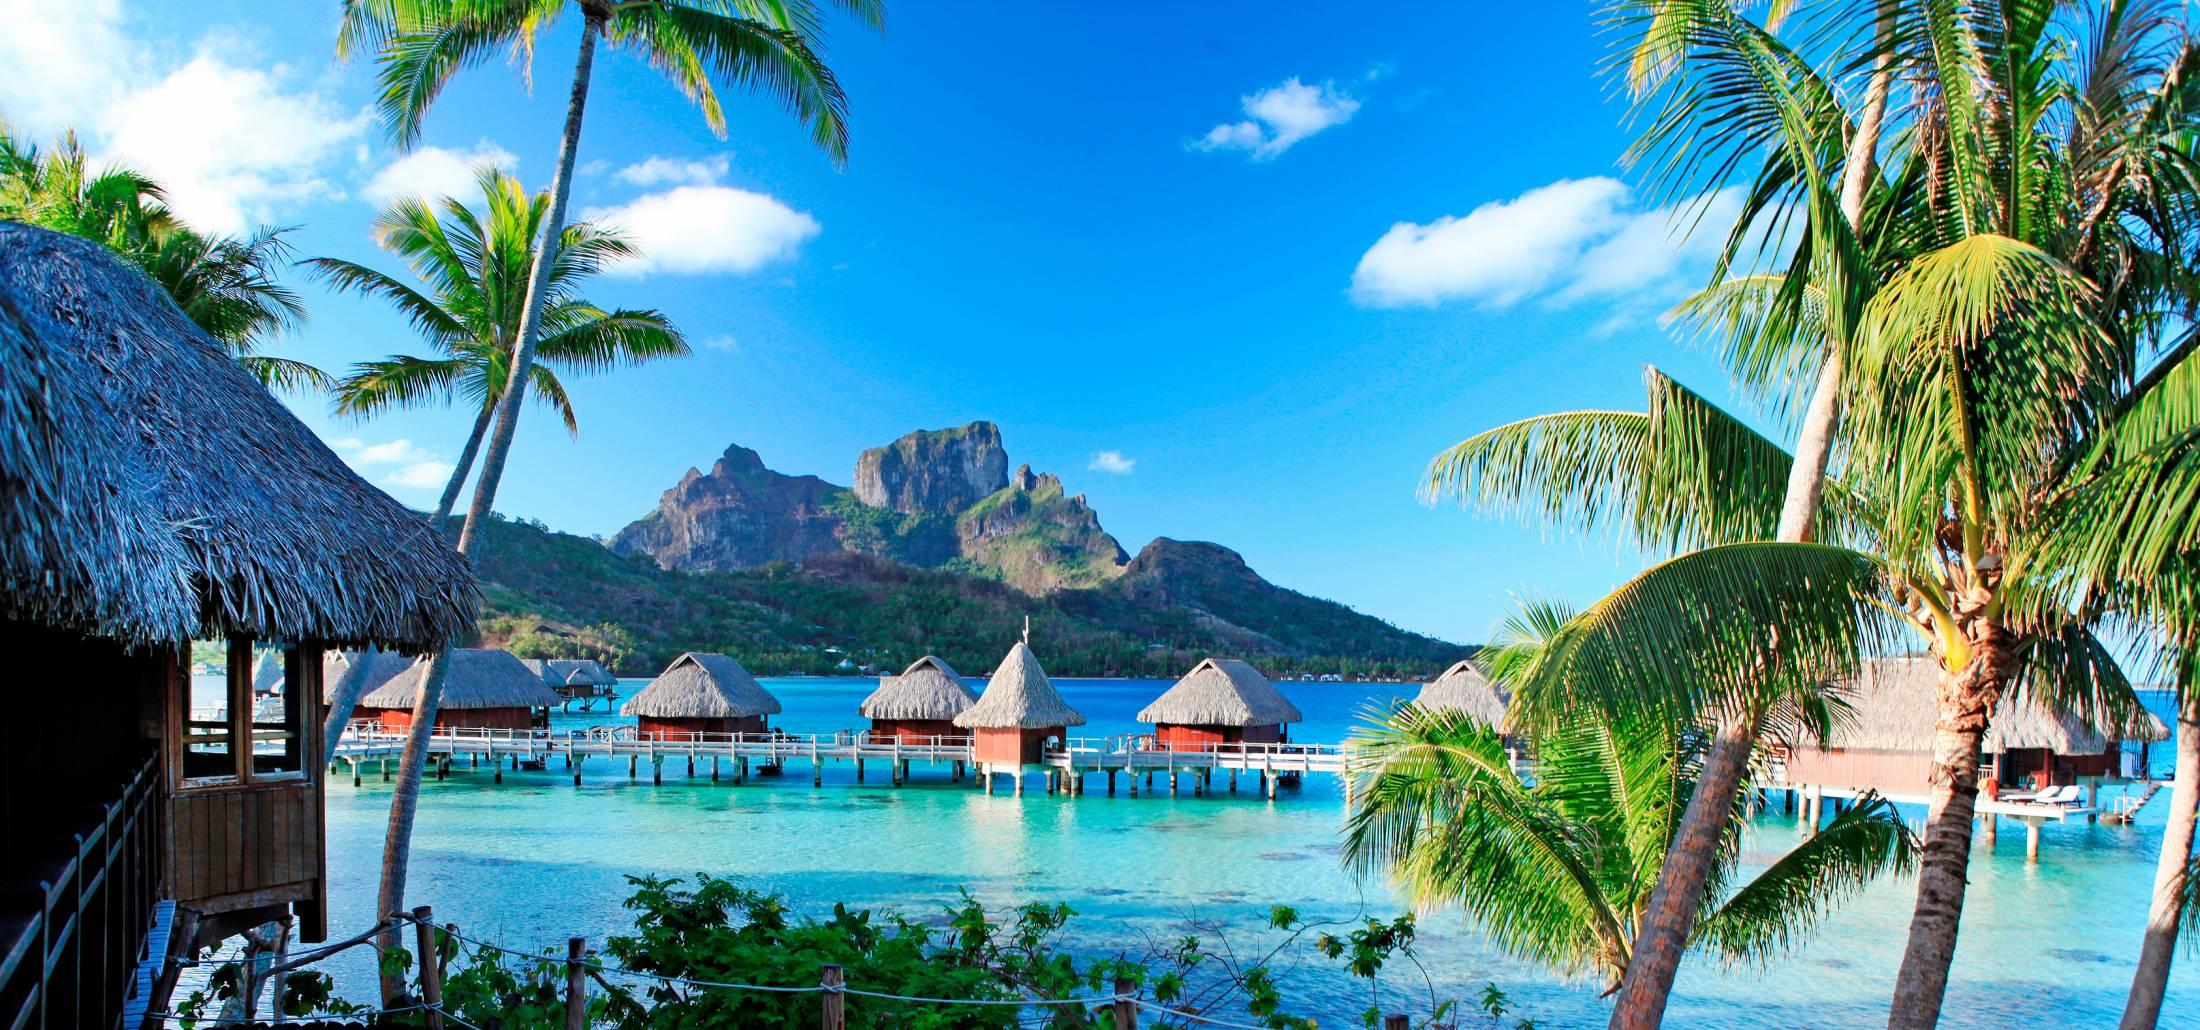 Sofitel Bora Bora Private Island - Live the French Way